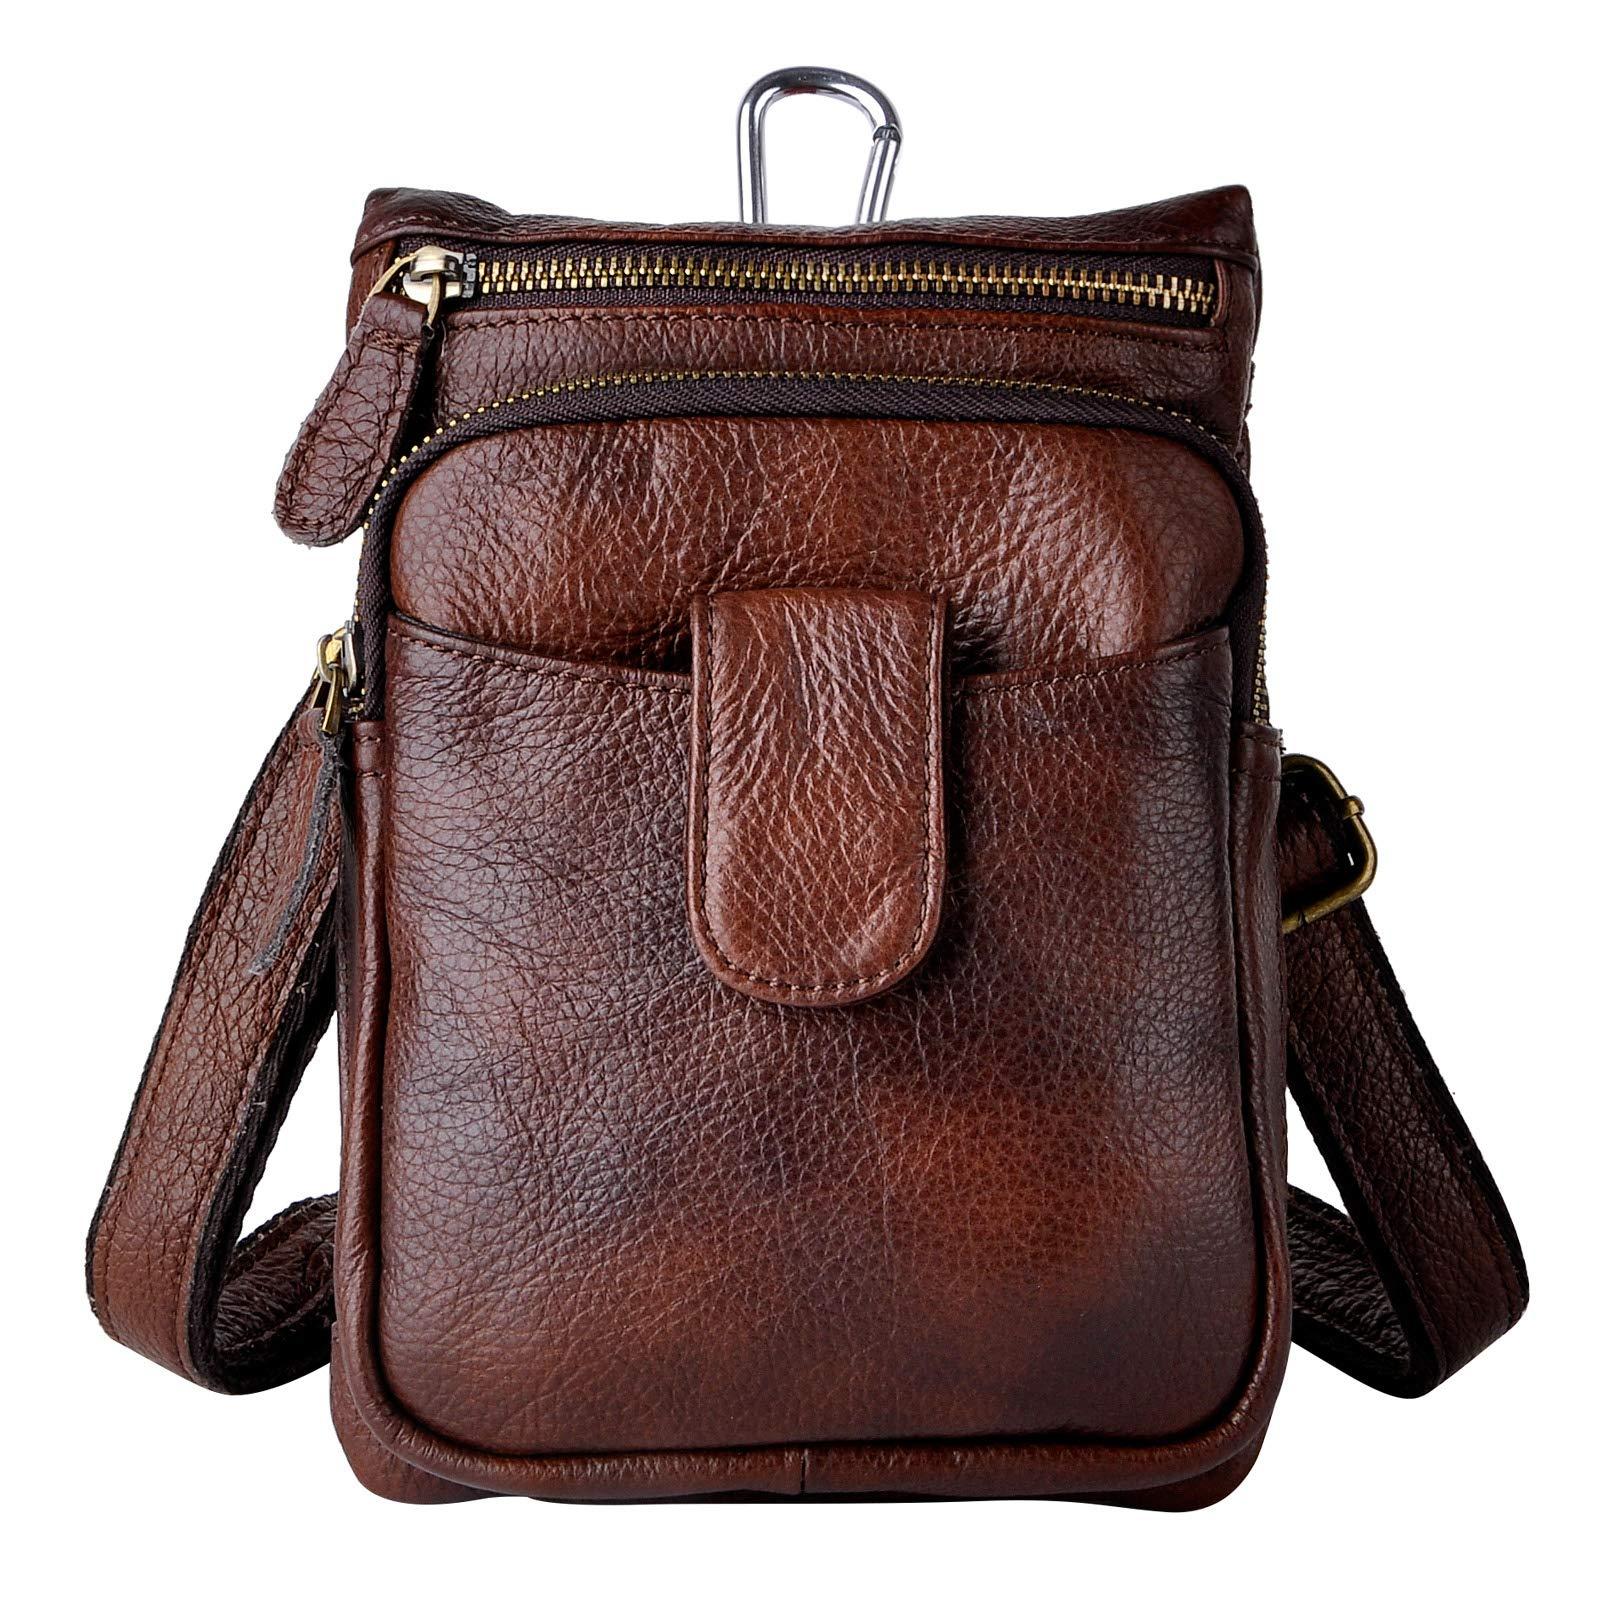 Le'aokuu Men Genuine Leather Small Hook Messenger Shoulder Bag Fanny Waist Belt Pack Pouch 6549 (6549(T1007) Brown)